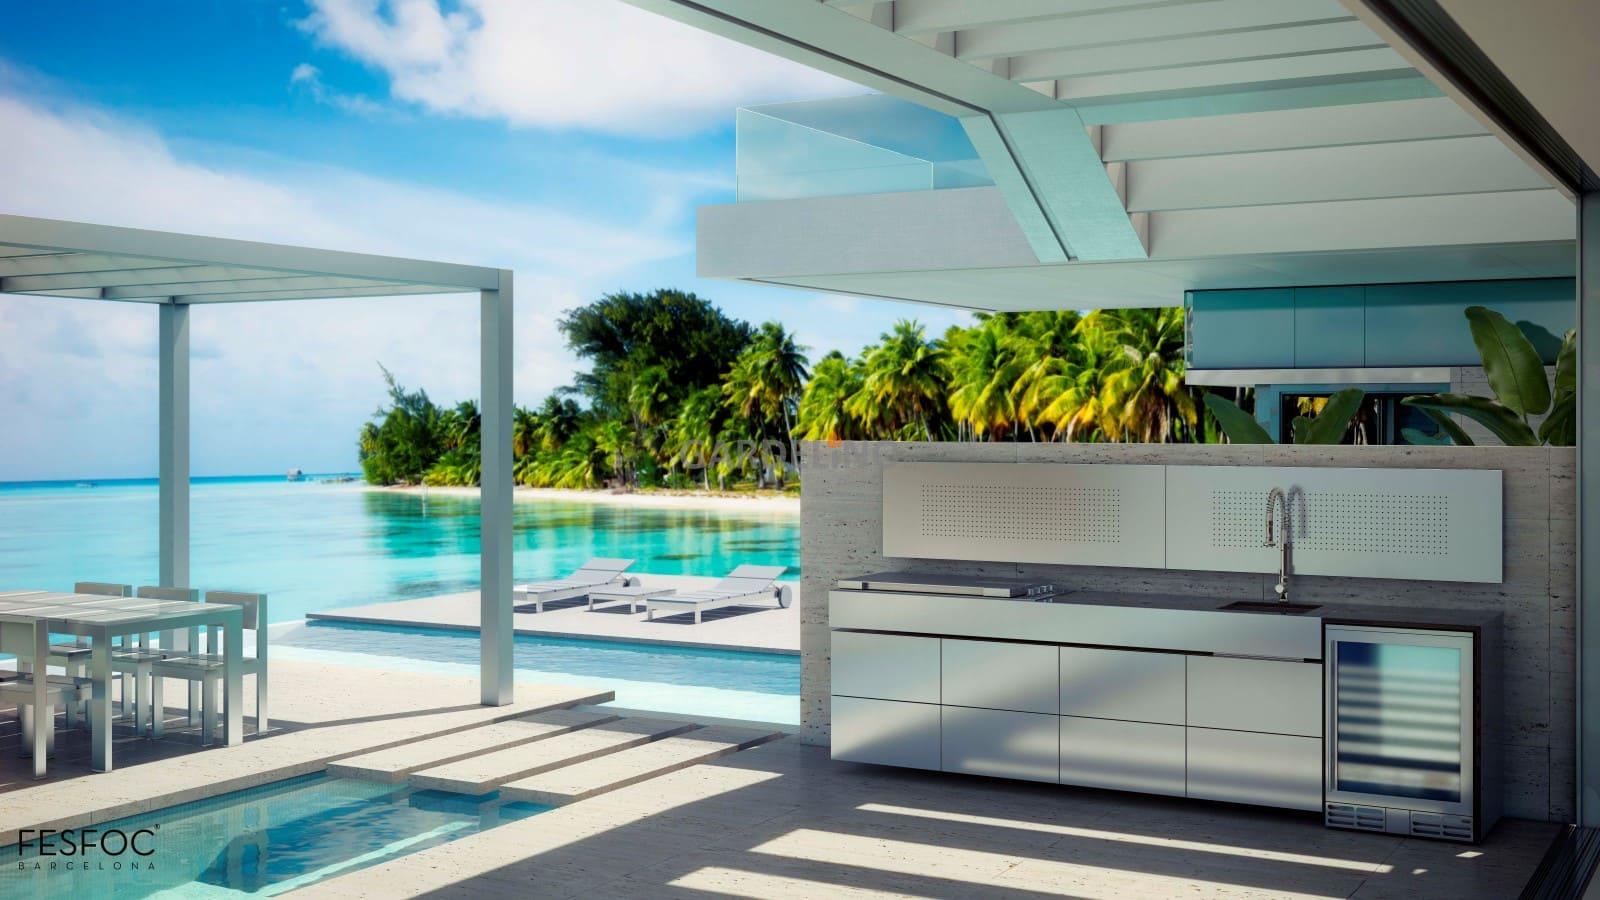 Outdoor Küche Edelstahl Mit Kühlschrank : Fesfoc outdoor küche aus edelstahl nach ihrem design